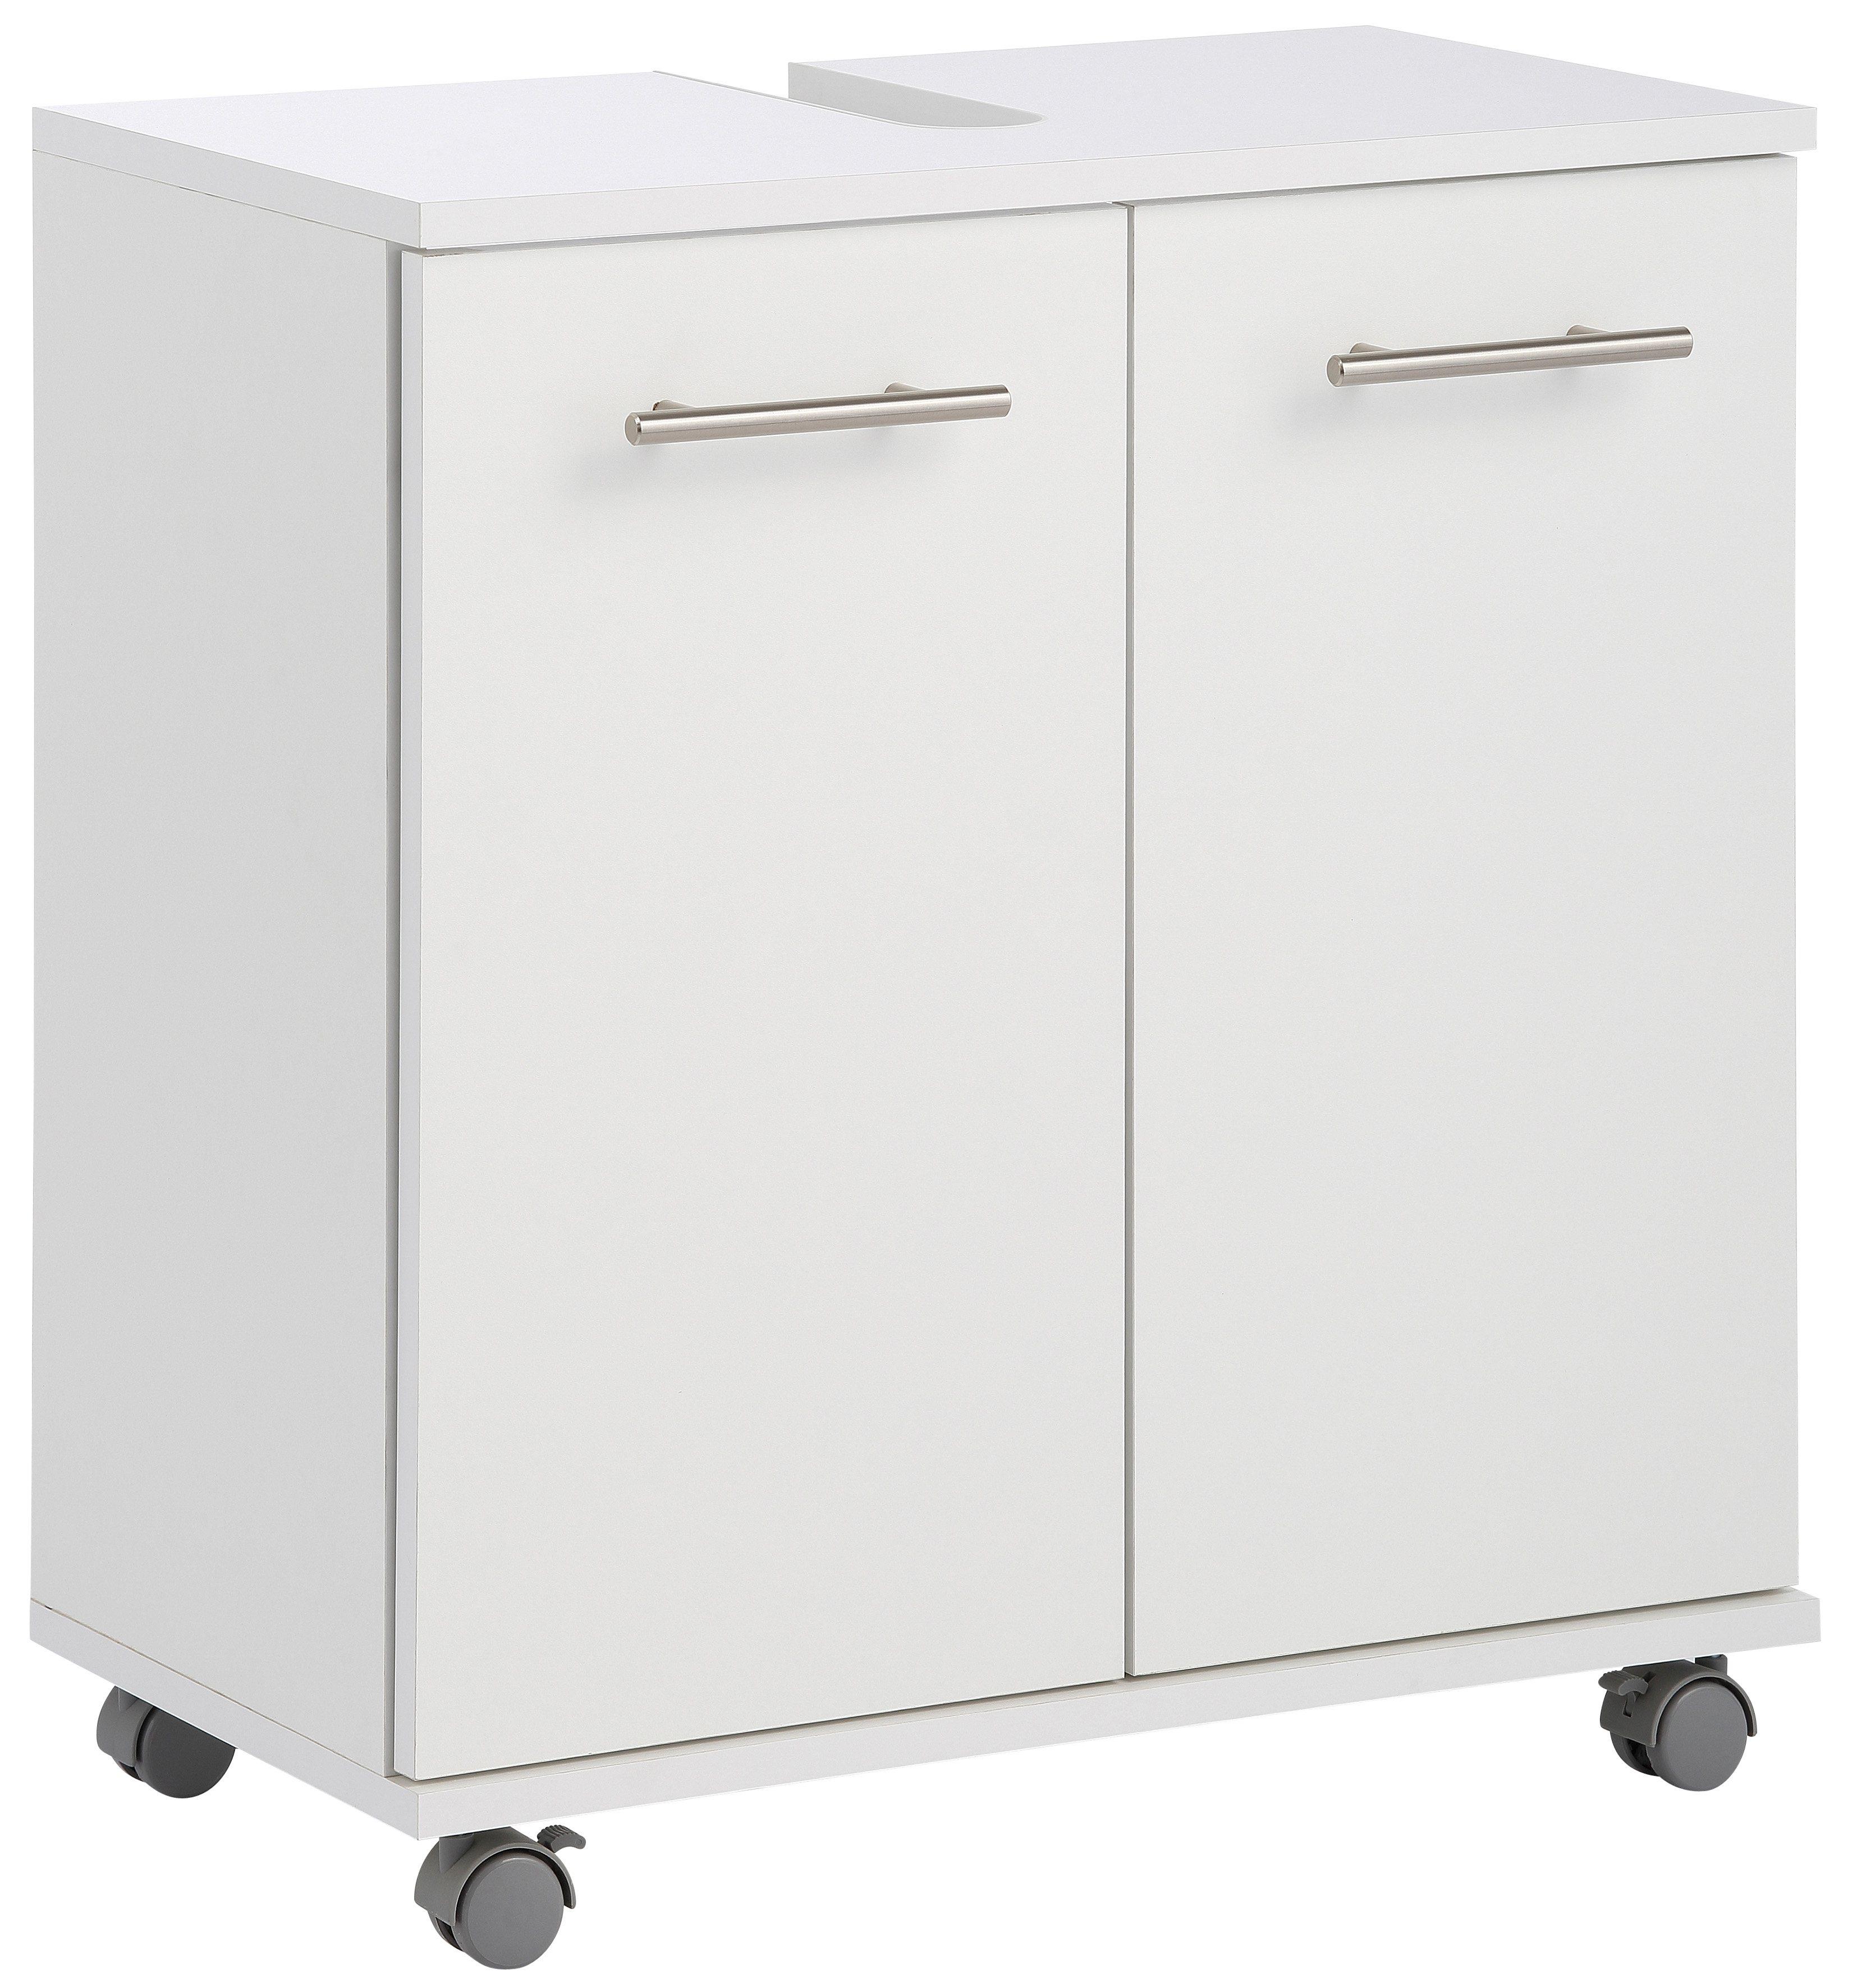 Waschbeckenunterschrank Preisvergleich • Die besten Angebote online ...